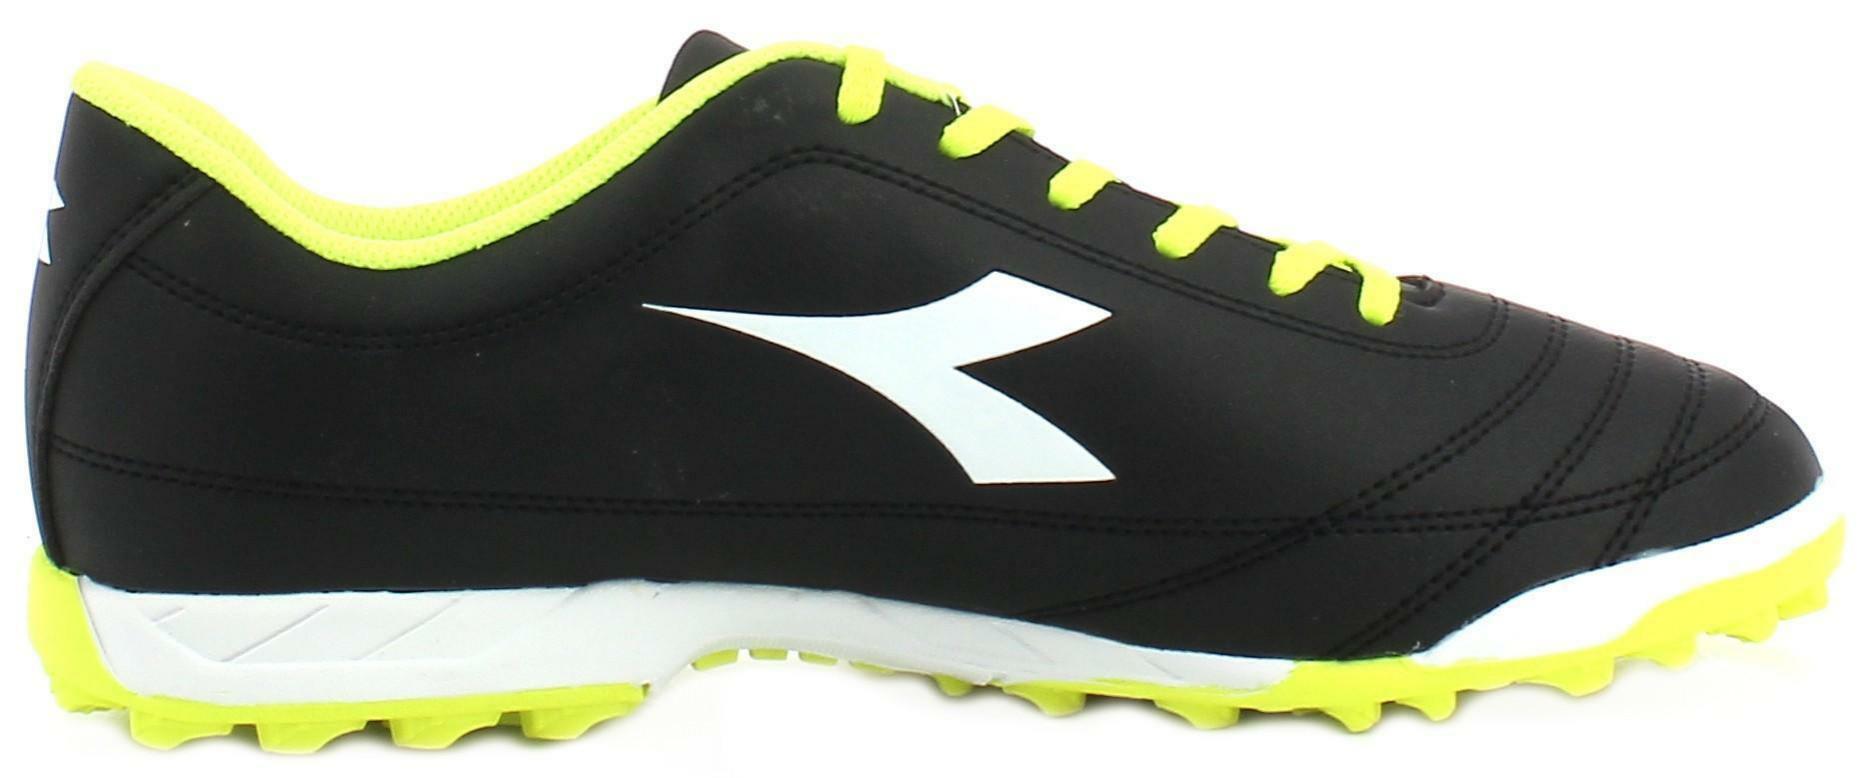 diadora diadora 650 iii tf scarpini calcetto uomo neri